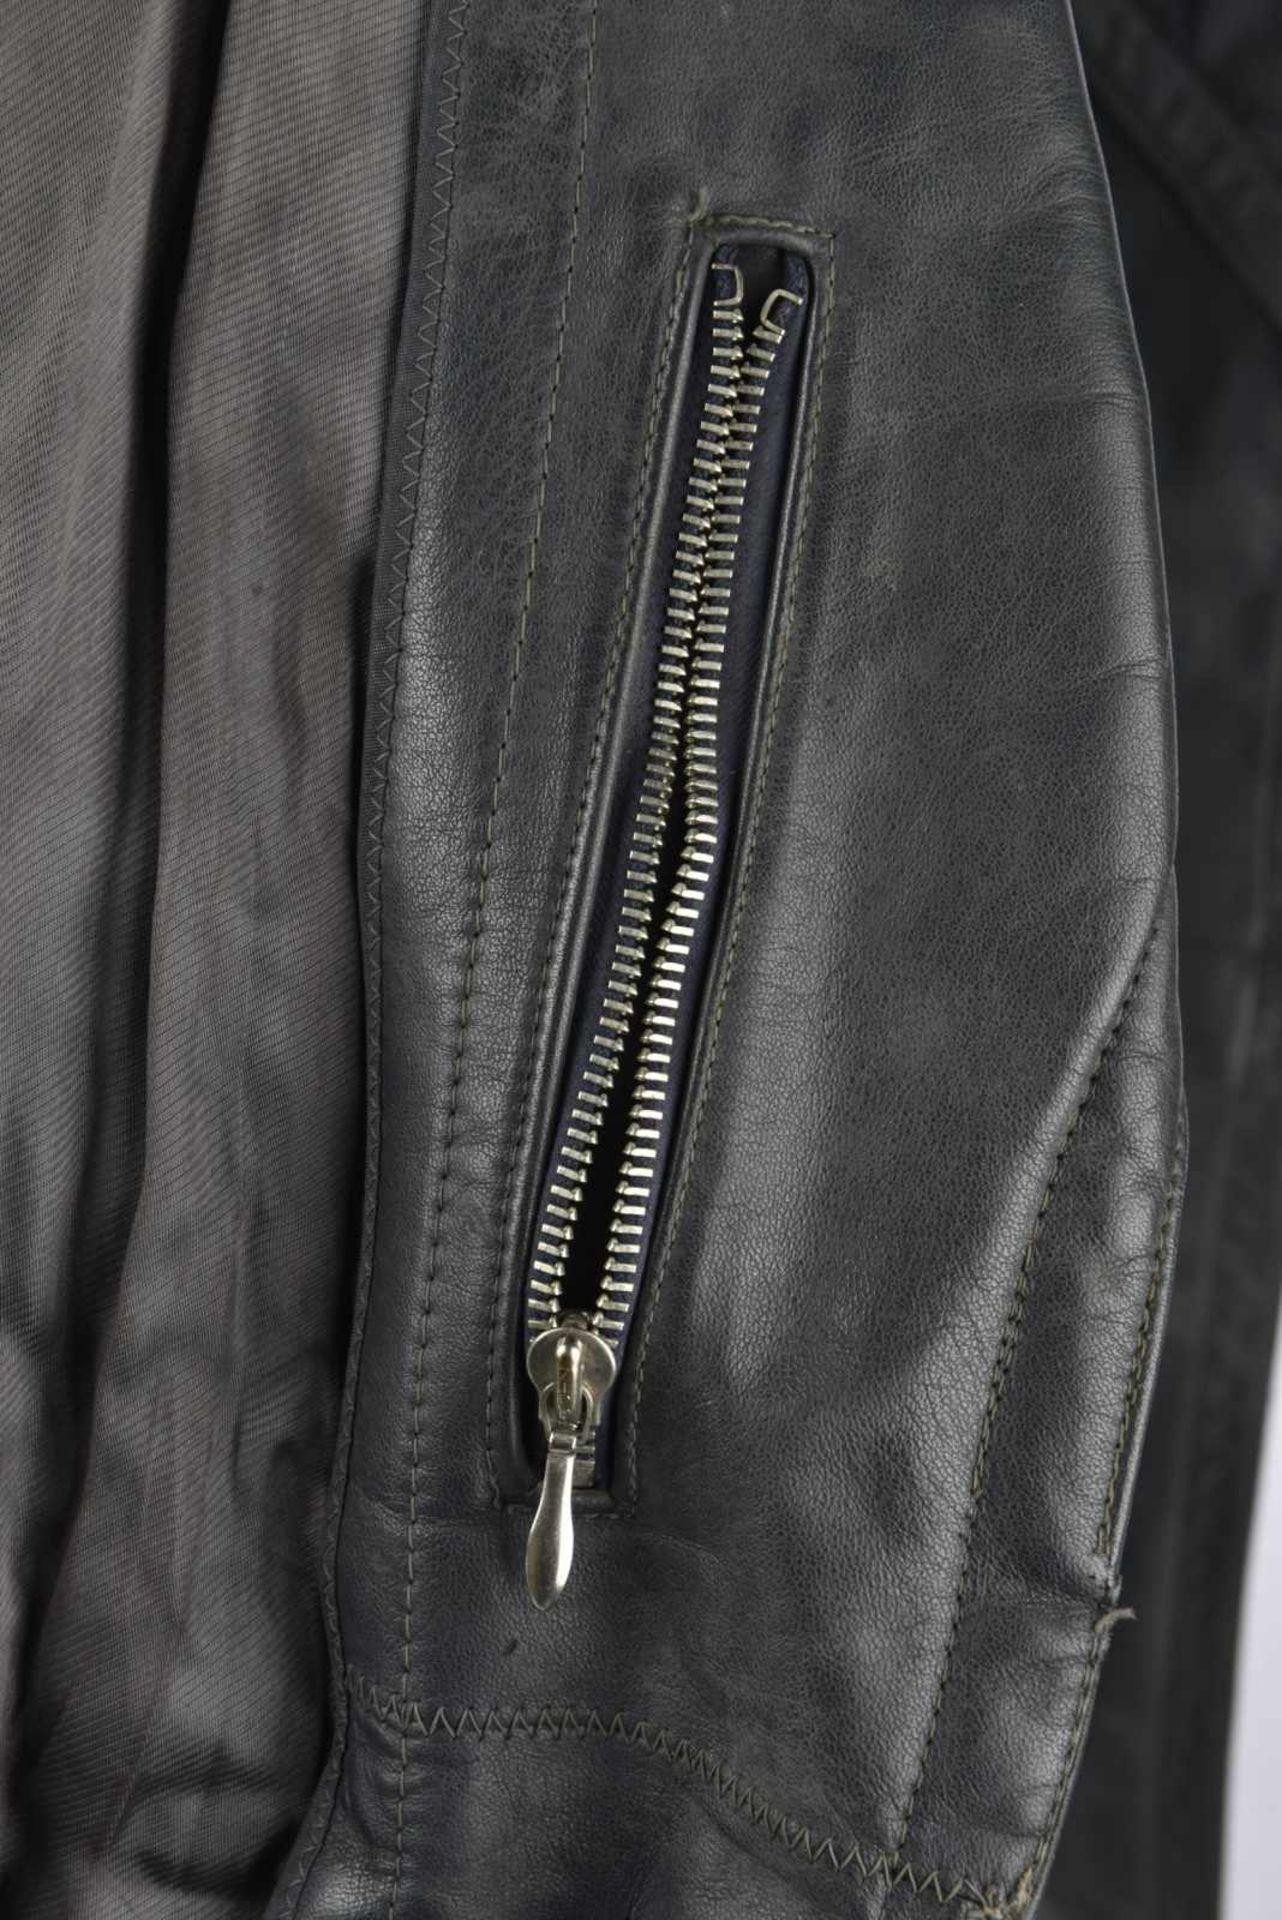 Manteau d'officier en cuir en épais cuir noir, tous les boutons sont présents, ainsi que la ceinture - Bild 3 aus 4